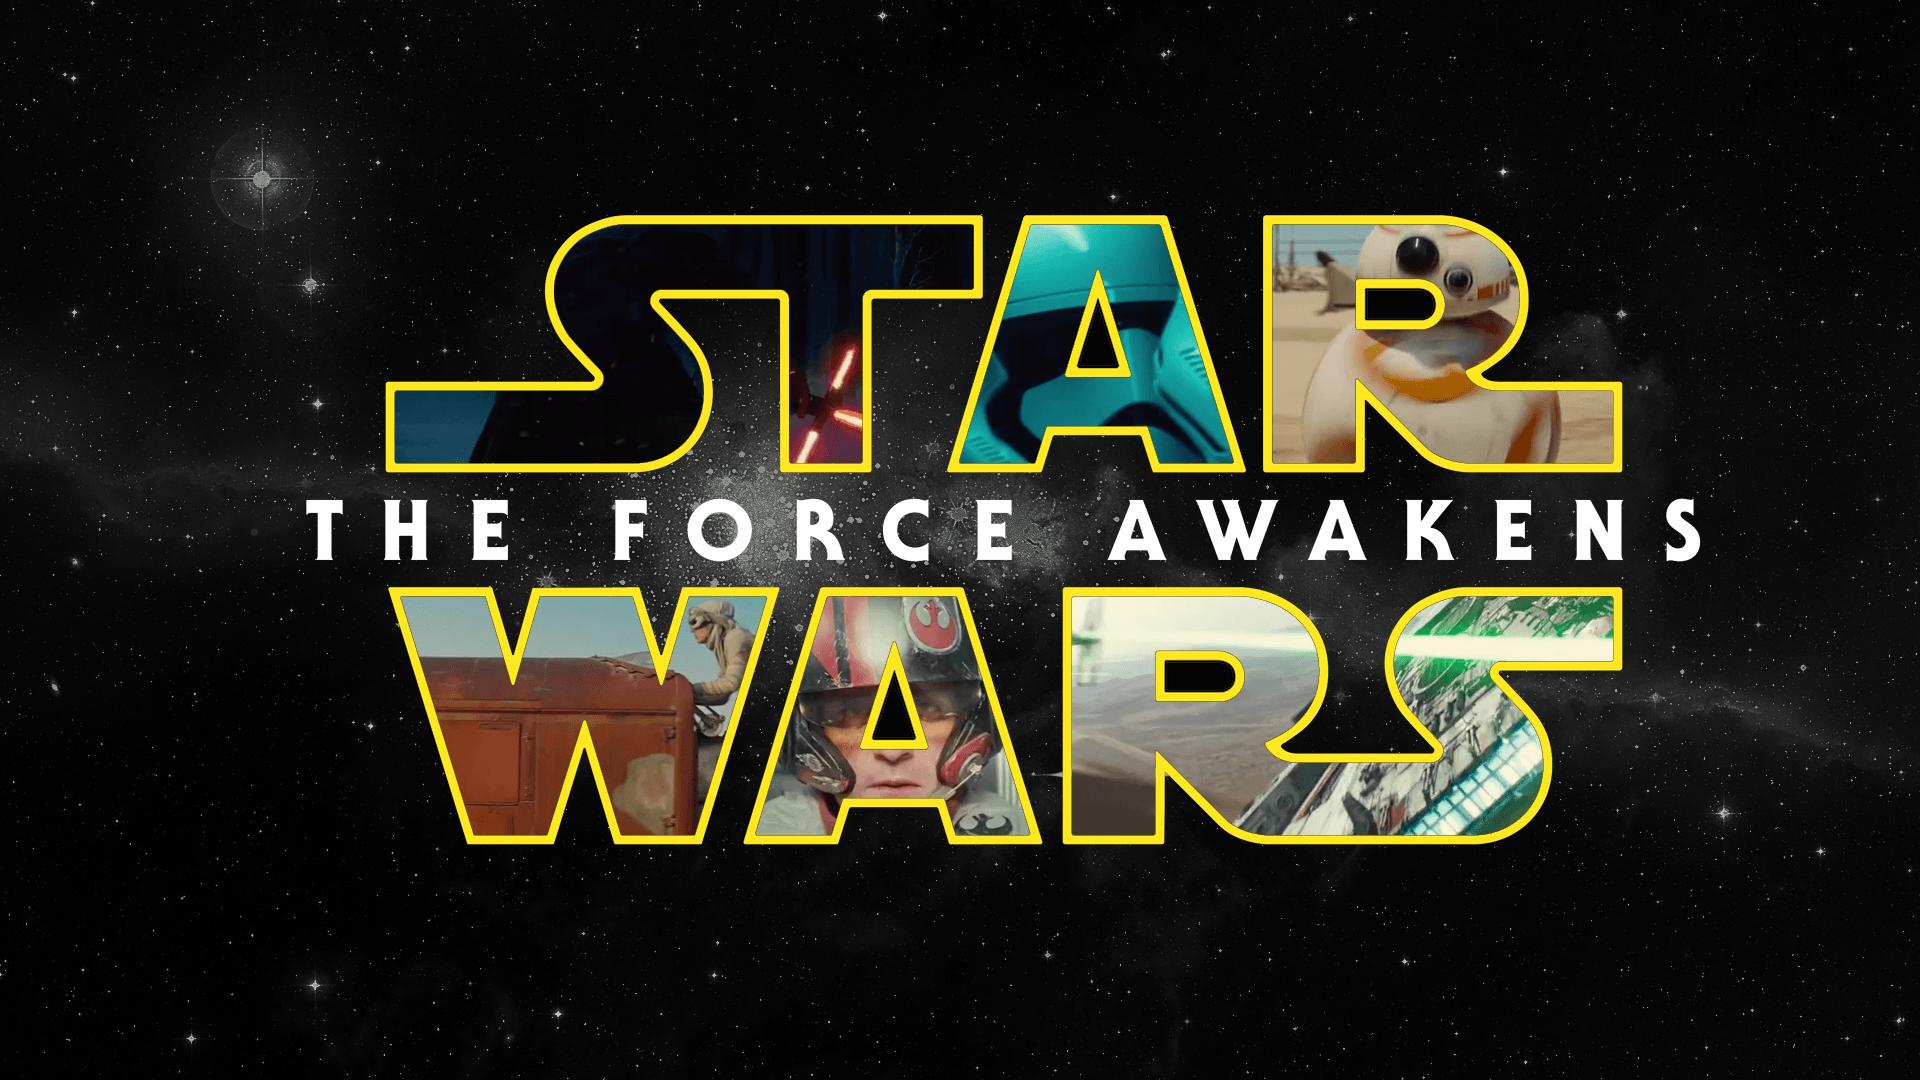 La nueva entrega de Star Wars alcanza ventas que superan los 250 millones de dólares 1